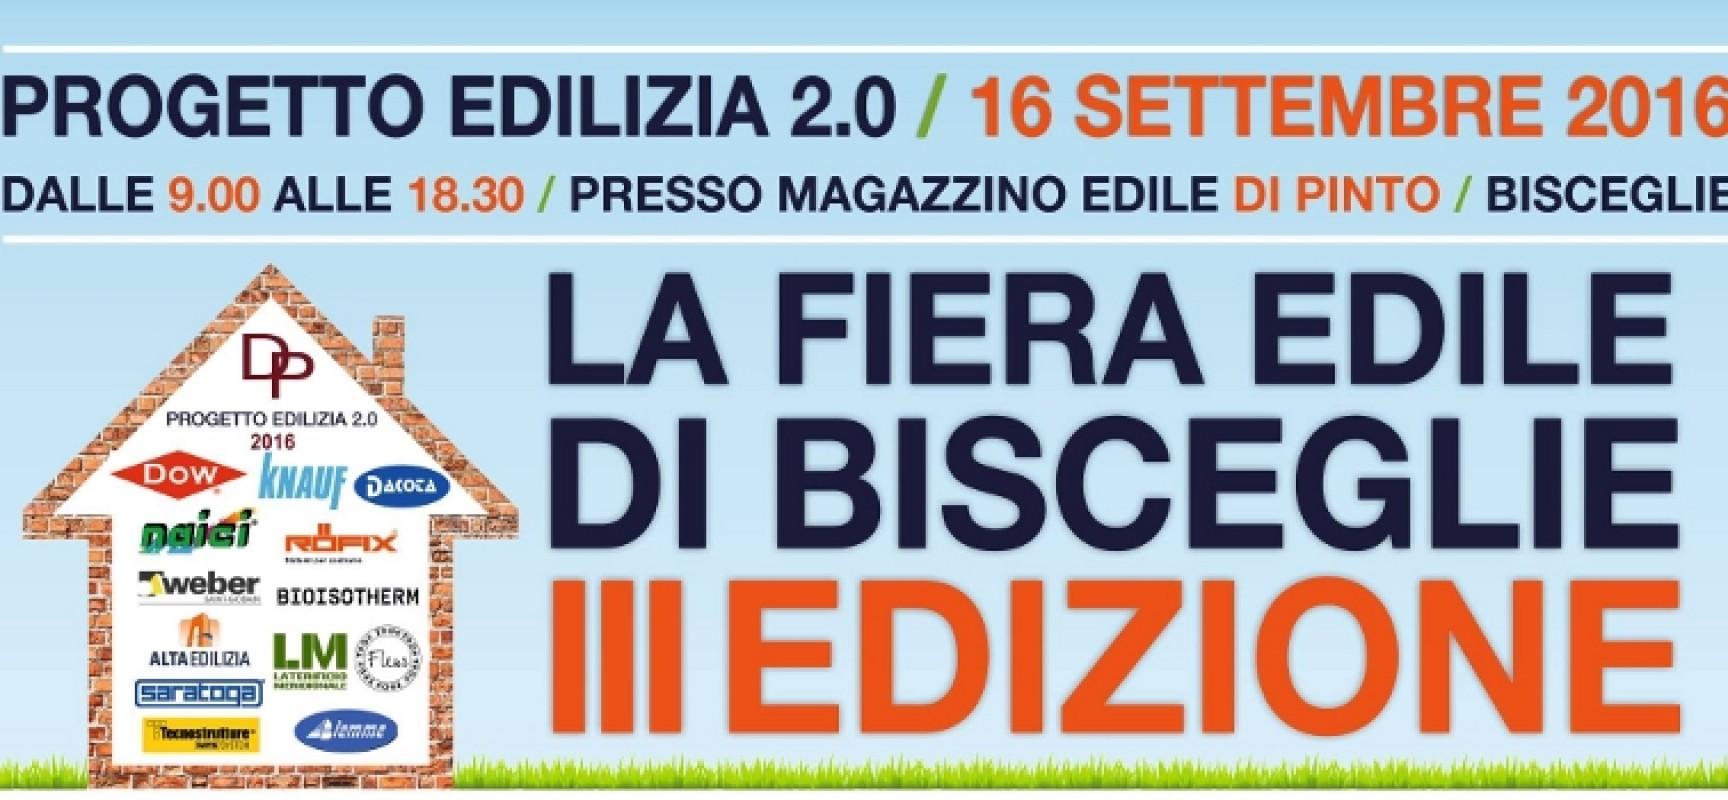 Di Pinto Bisceglie Materiale Edile il 16 settembre a bisceglie c'è la terza edizione della